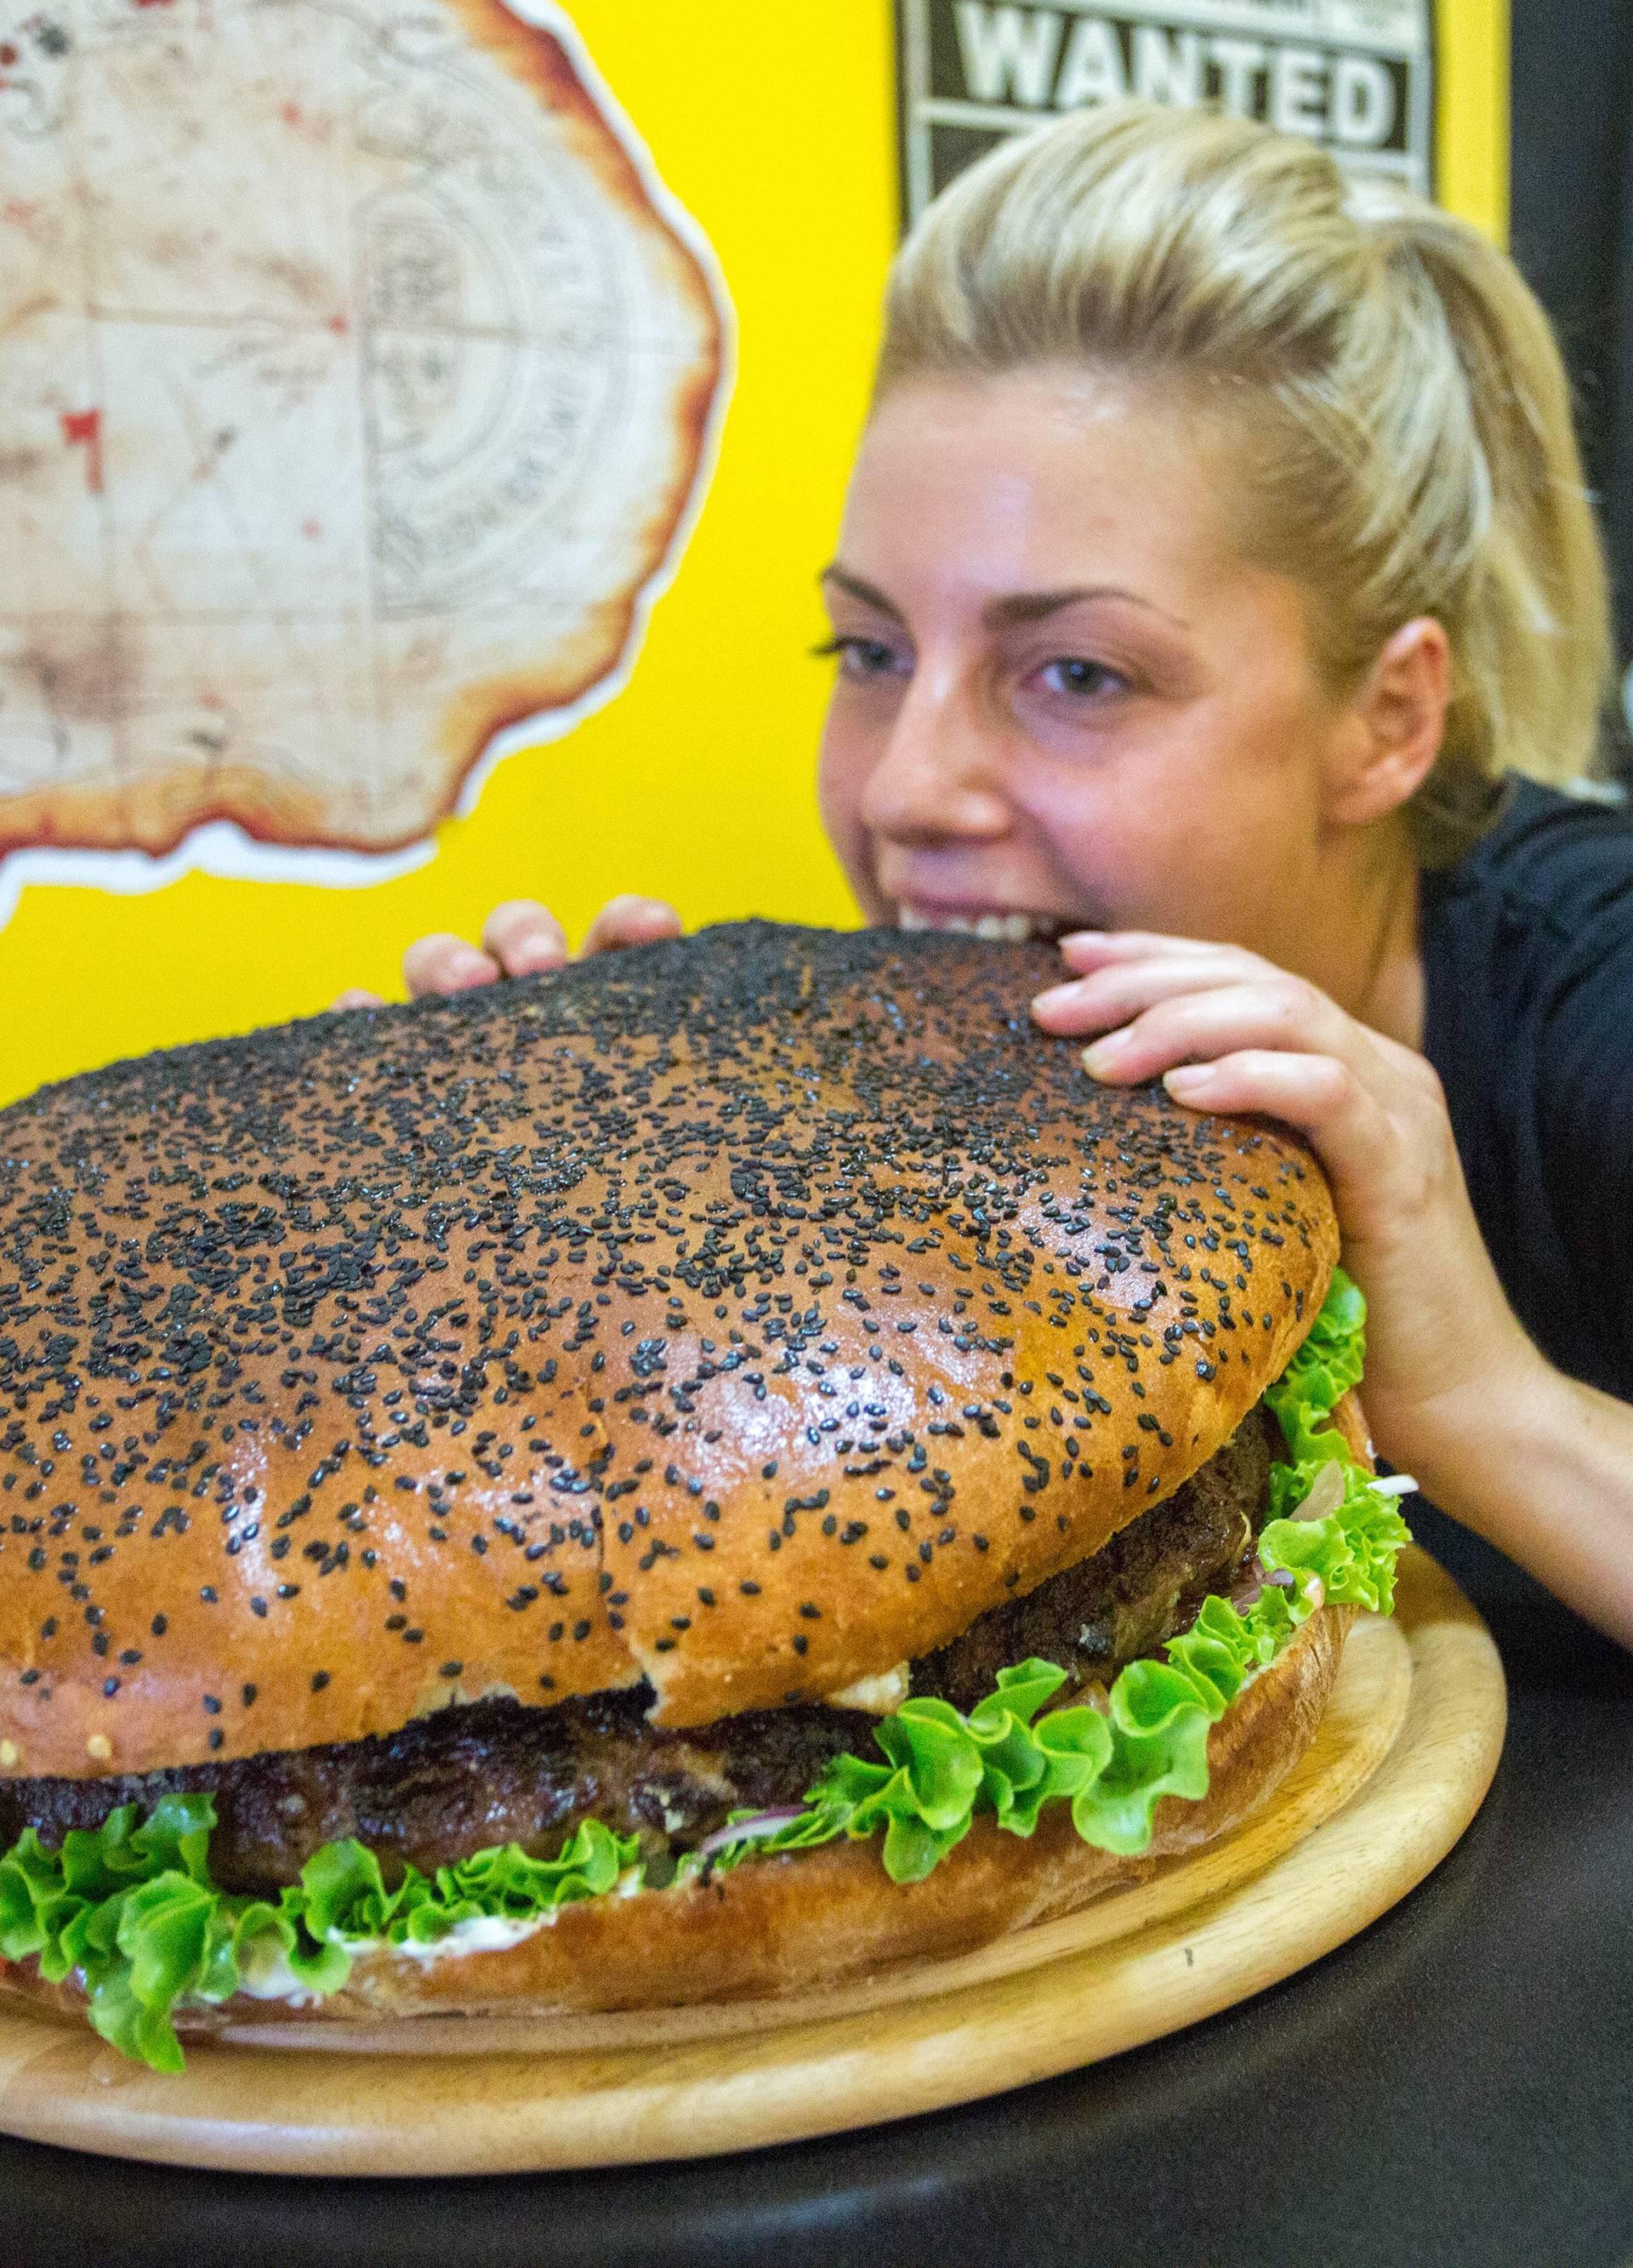 Hrvatski kapitalci burgeri: King Kong od 3 kg nahrani 8 ljudi